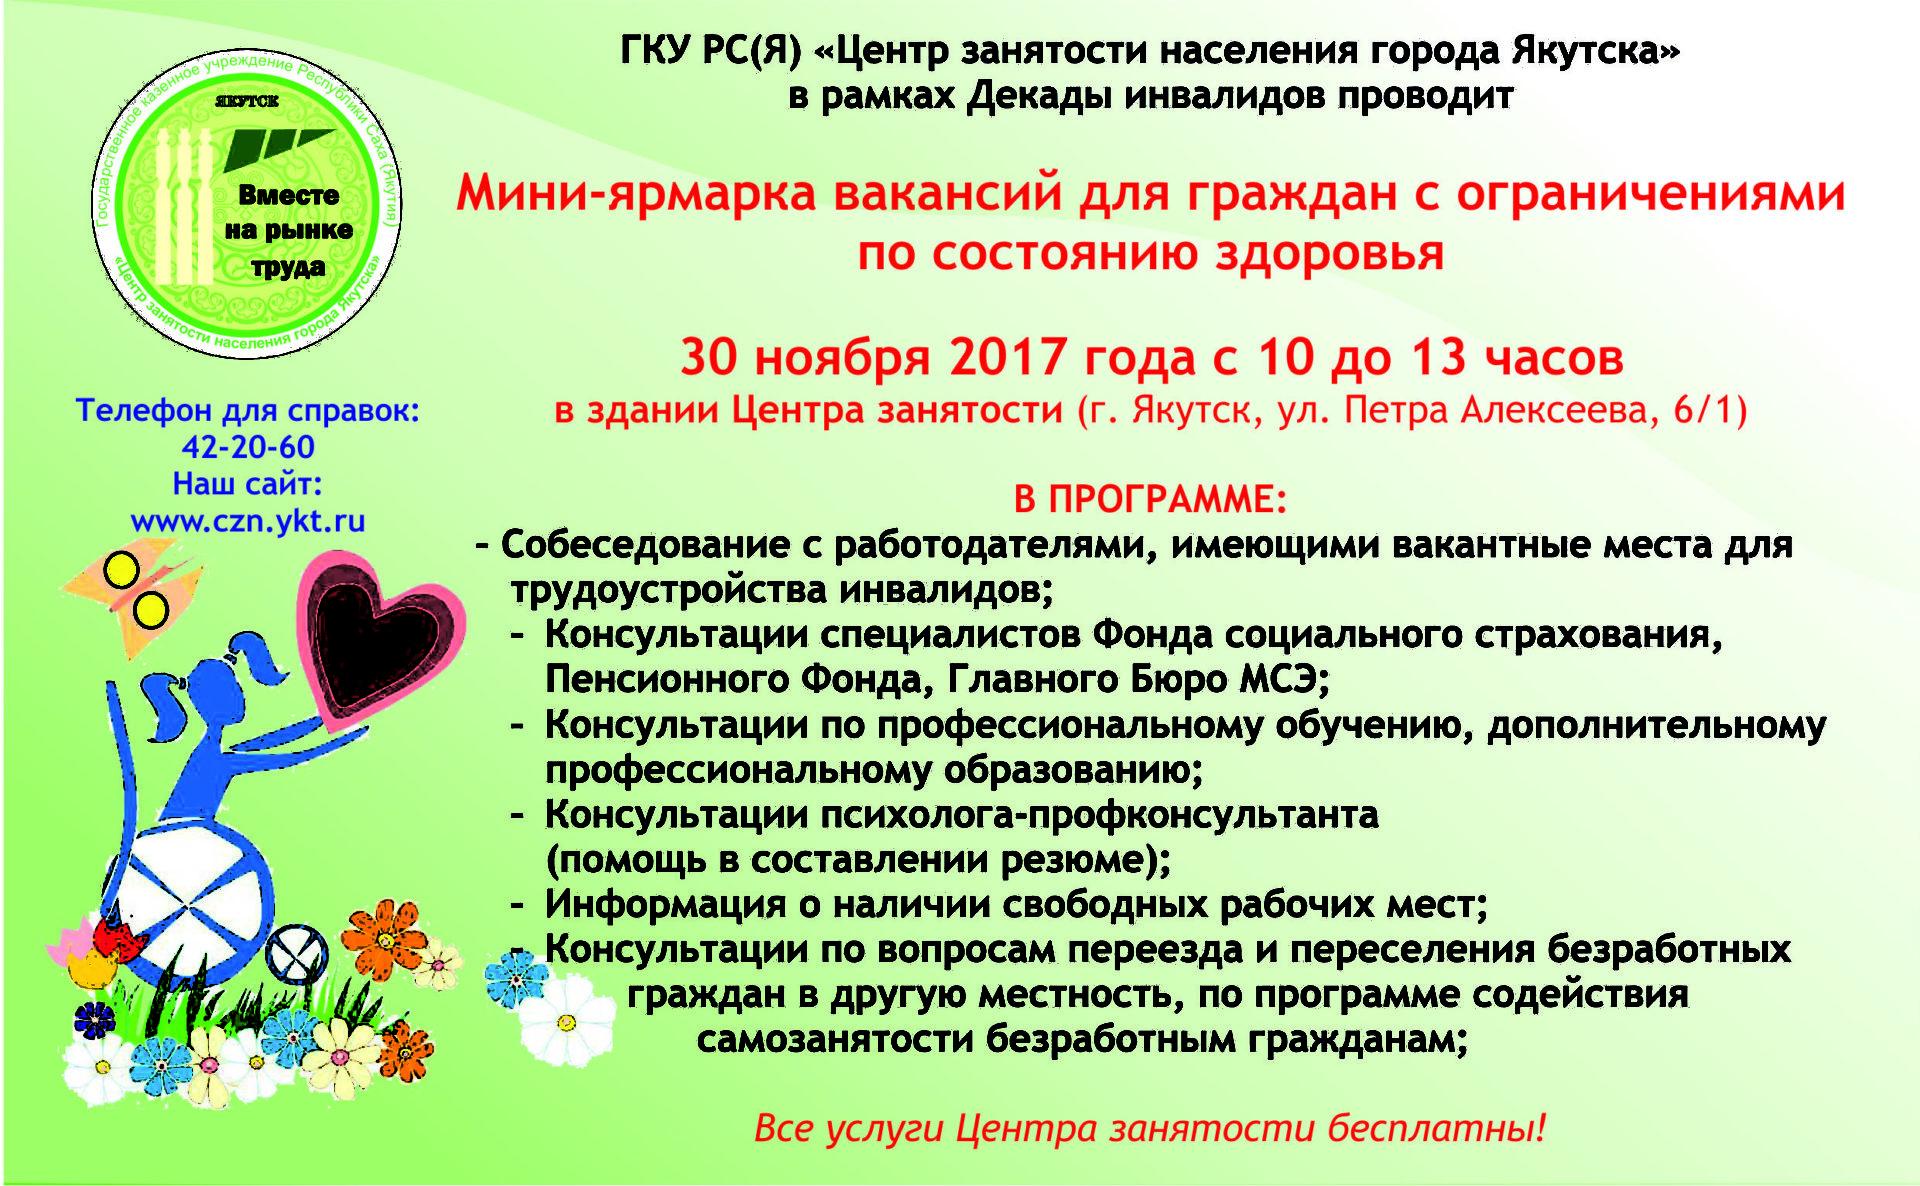 Центр занятости  проводит мини-ярмарку вакансий для граждан с ограниченными возможностями здоровья